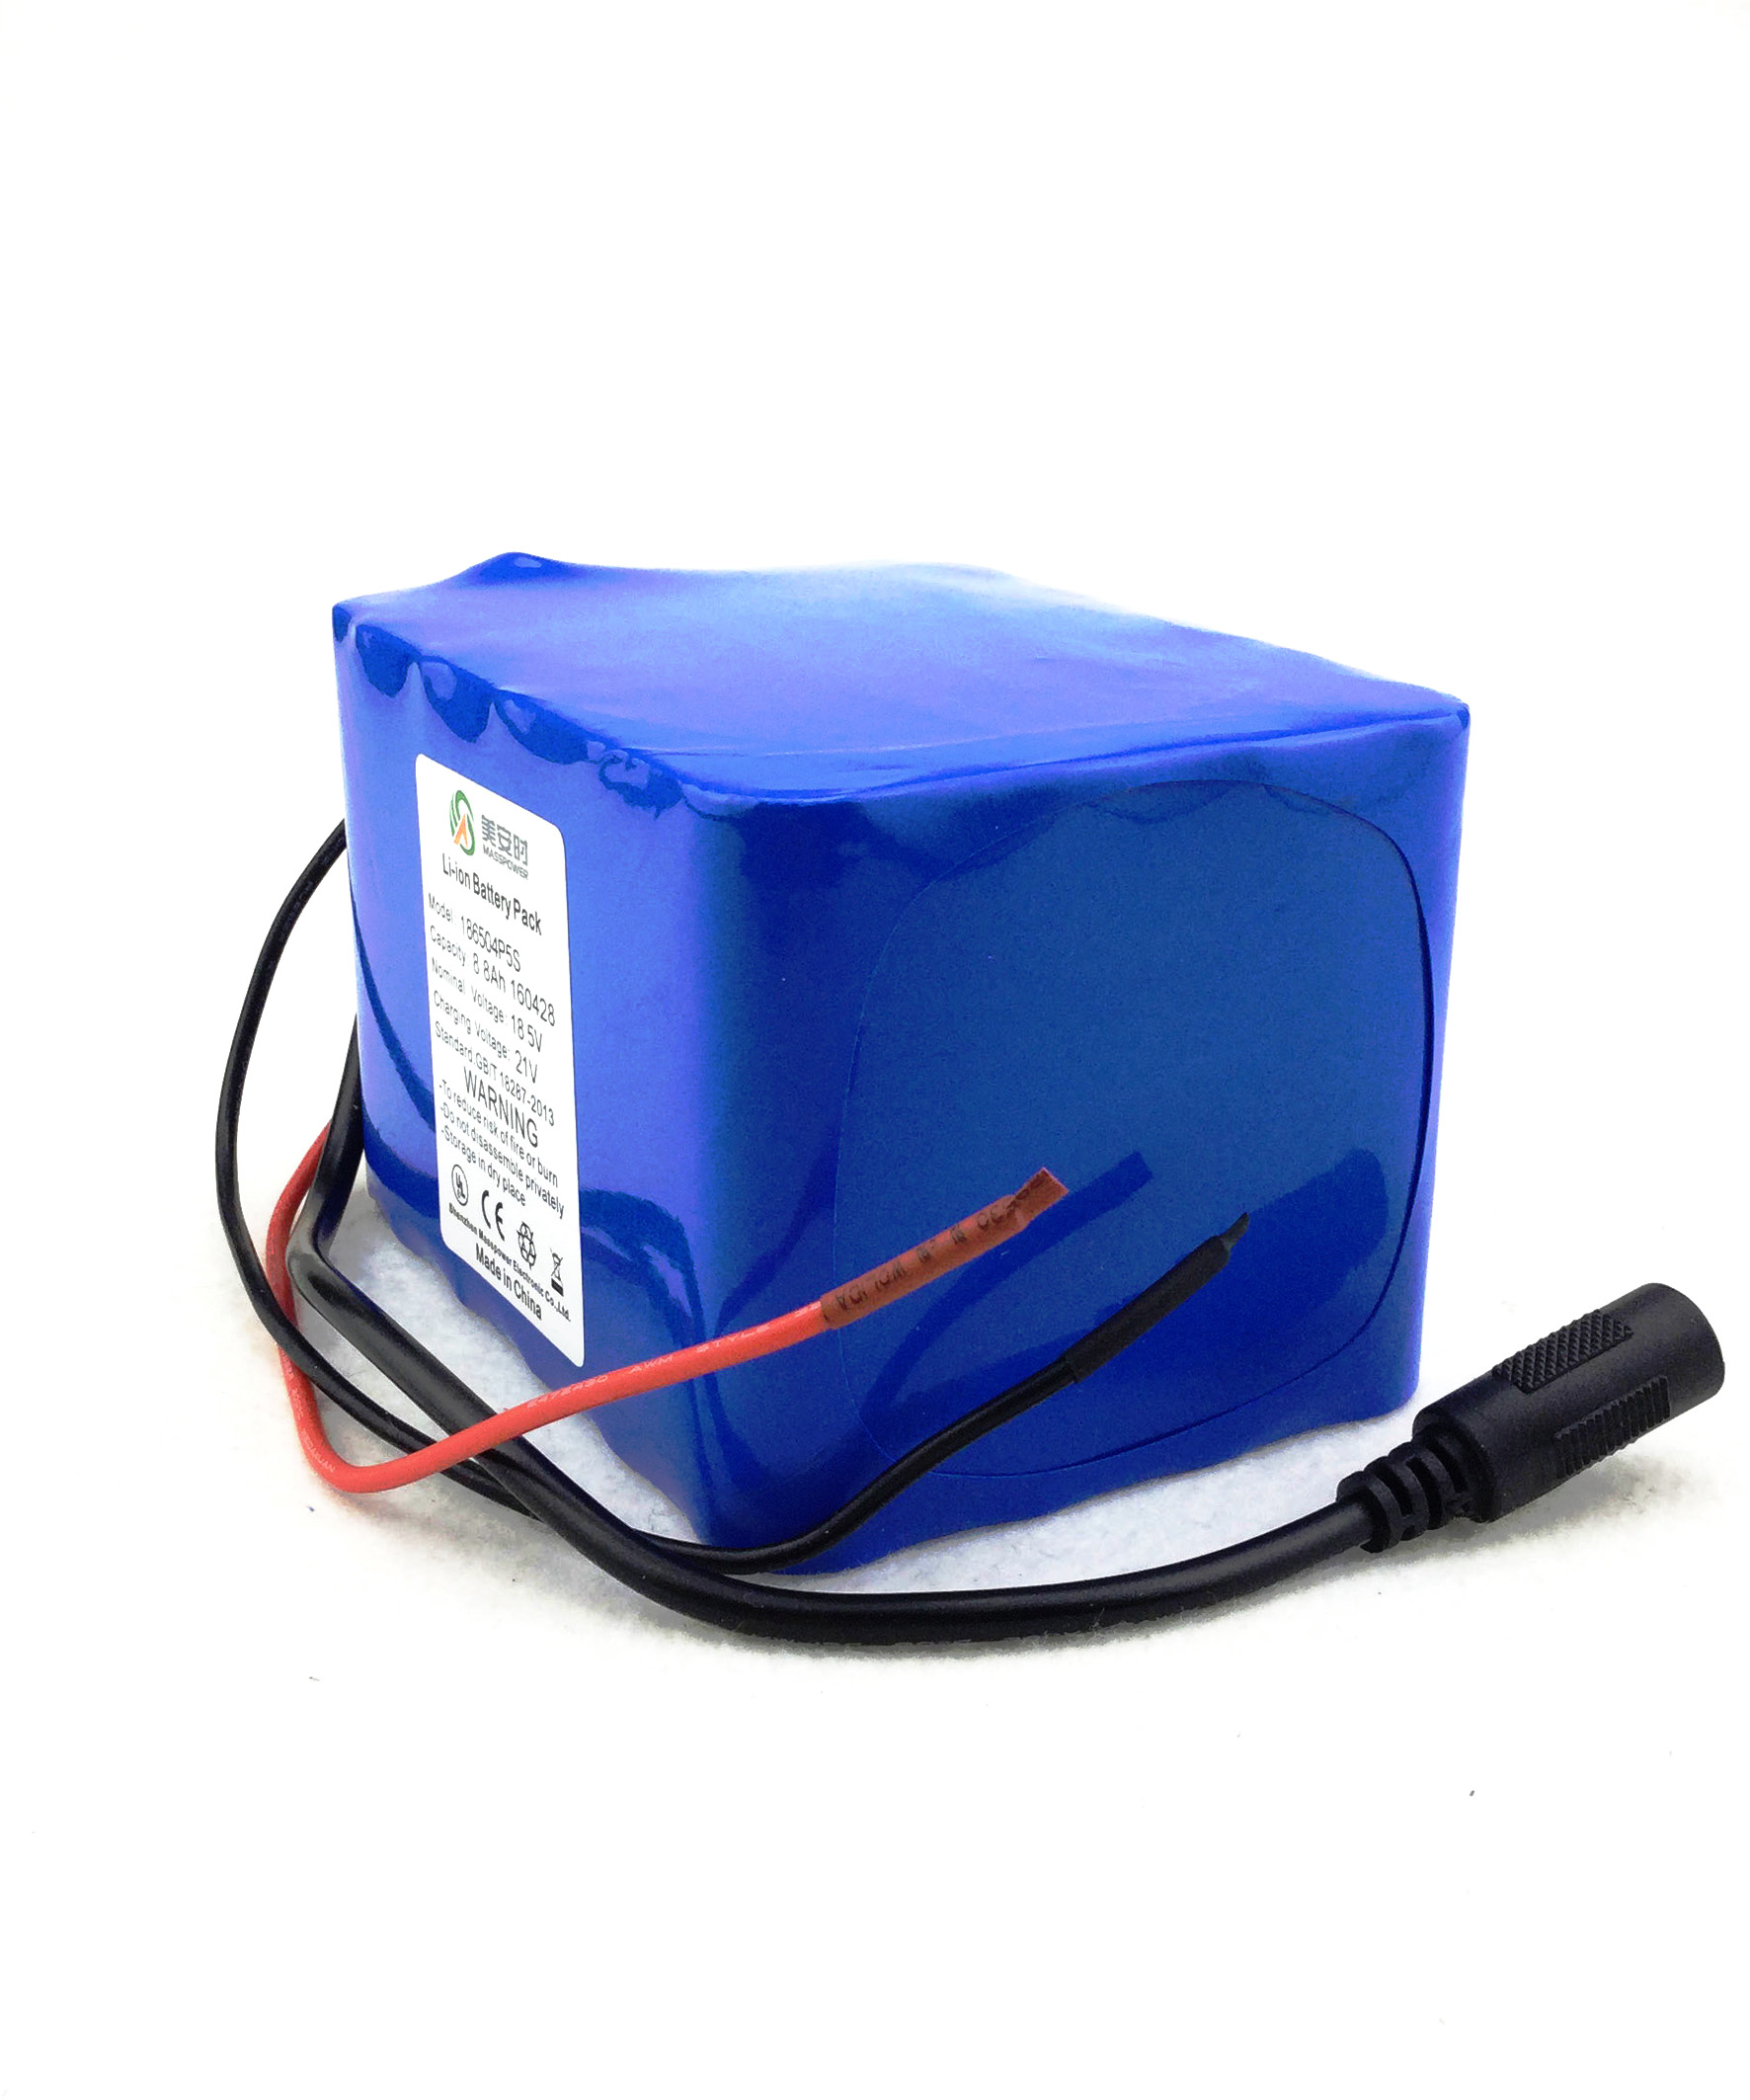 18.5V 8.8AH丨医用探伤机锂电池